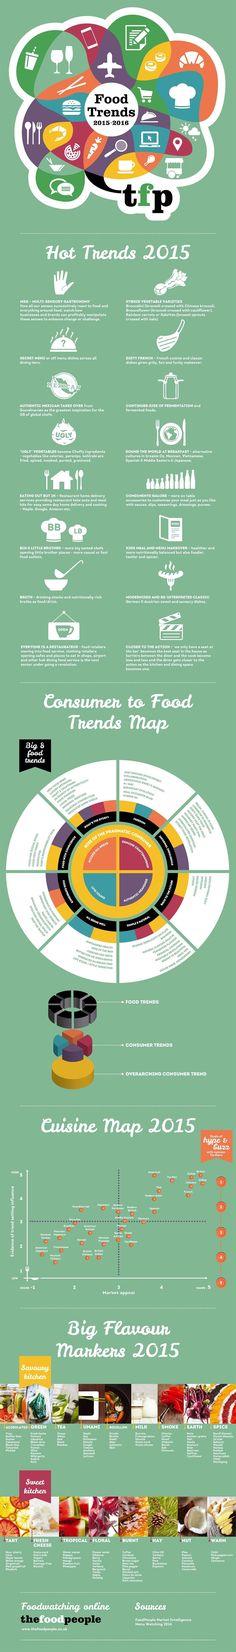 Food & Catering Trends - Esskultur, Lebensmittel und Verarbeitung